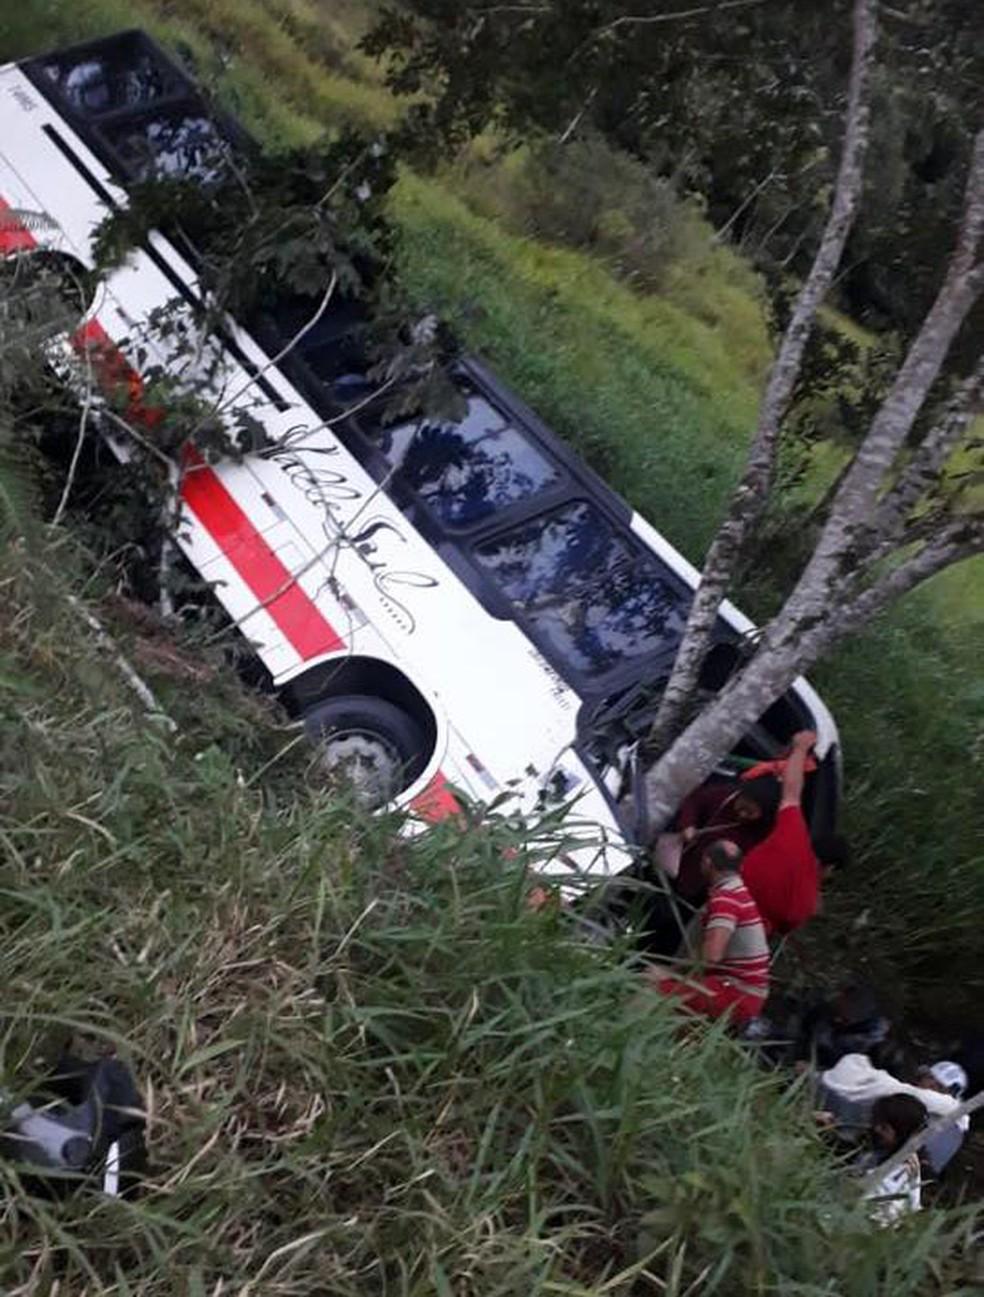 Ônibus despenca em ribanceira e deixa feridos no Vale do Ribeira — Foto: Reprodução/Eldorado em Foco